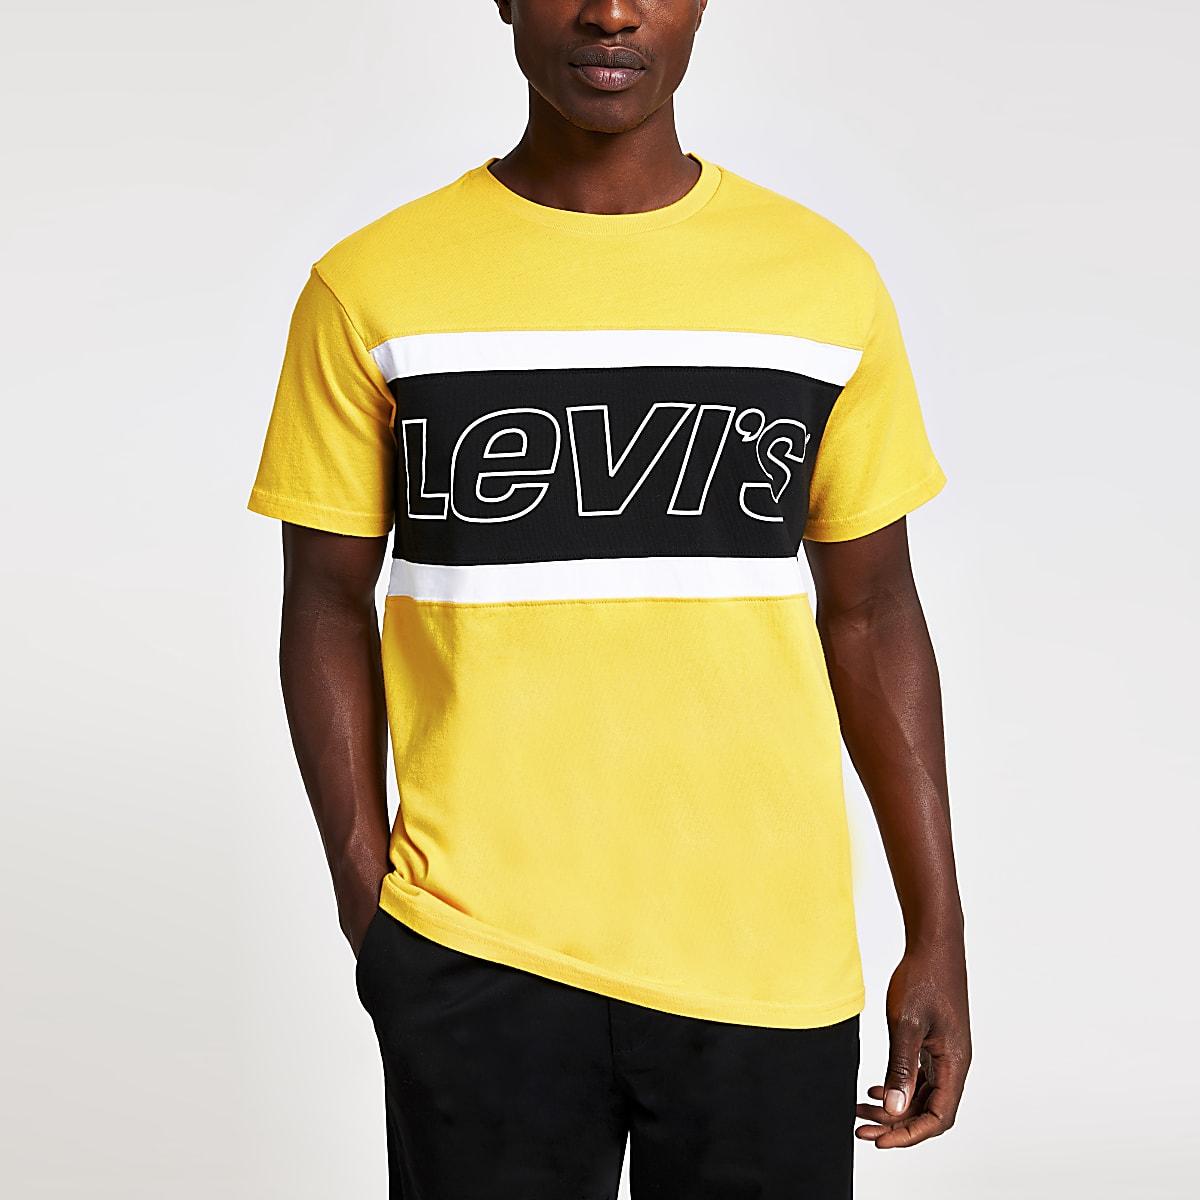 f18c206b3 Levi's yellow block logo T-shirt